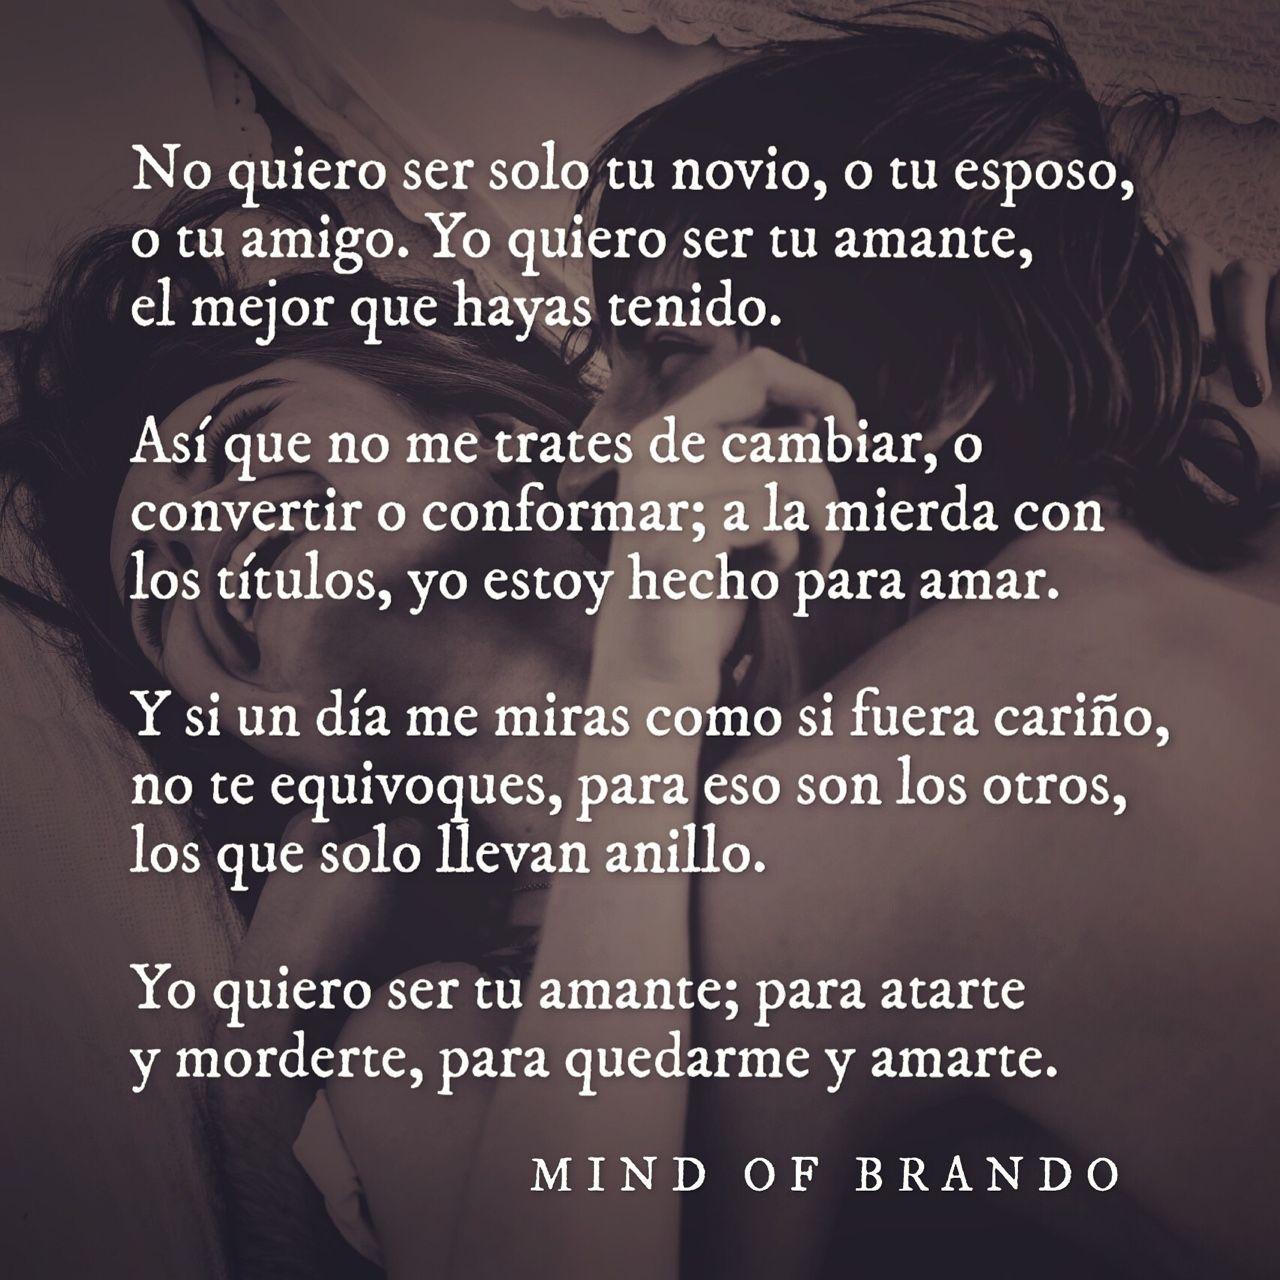 ¿Que es la mente de Brando Es un espacio Algo que tienes adentro · Frases De AmorFrases